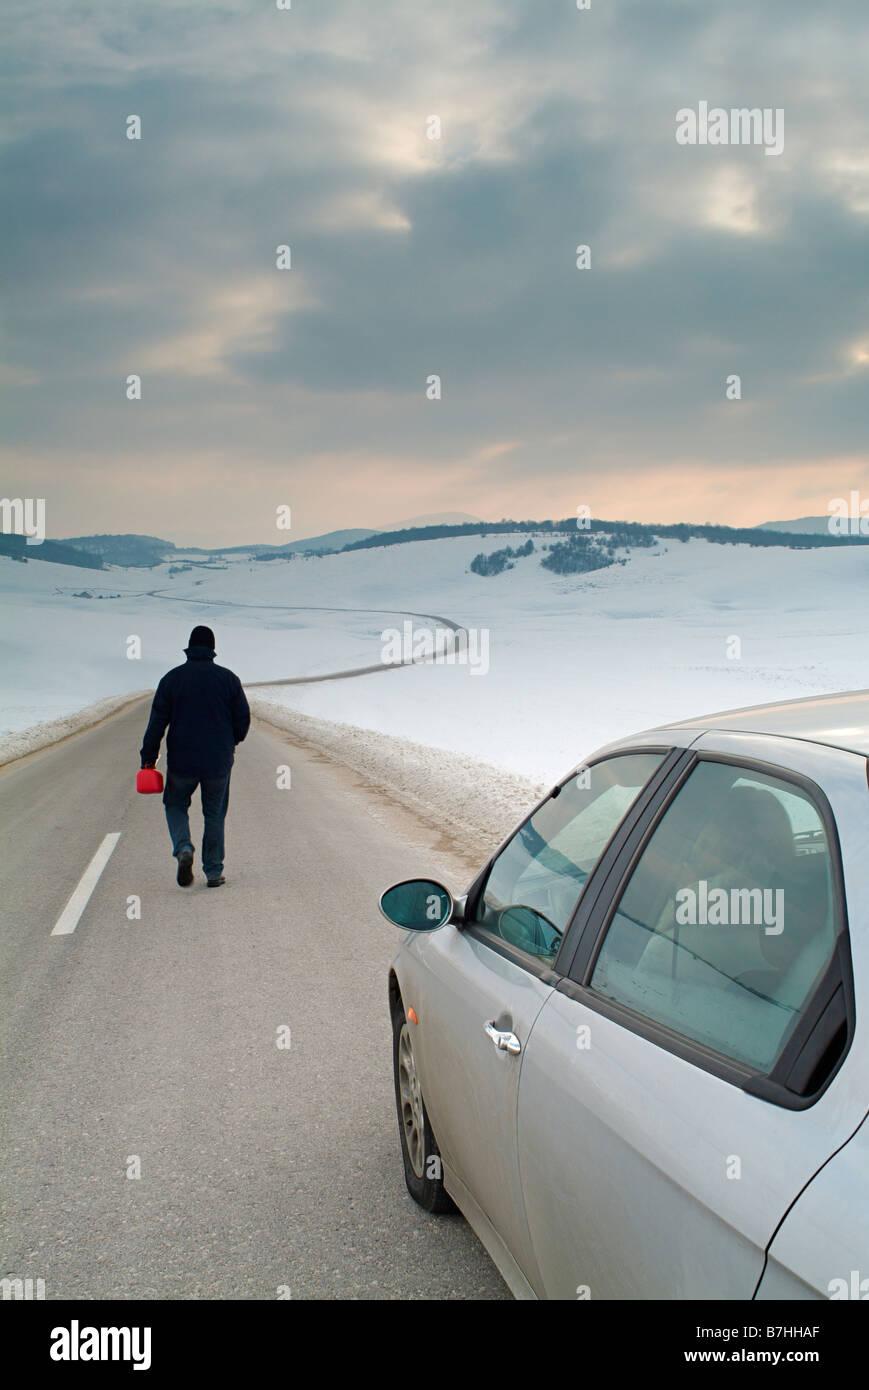 Mann beginnt den langen Weg auf einer abgelegenen Landstraße im Winter Kraftstoff für sein Auto kaputt Stockbild